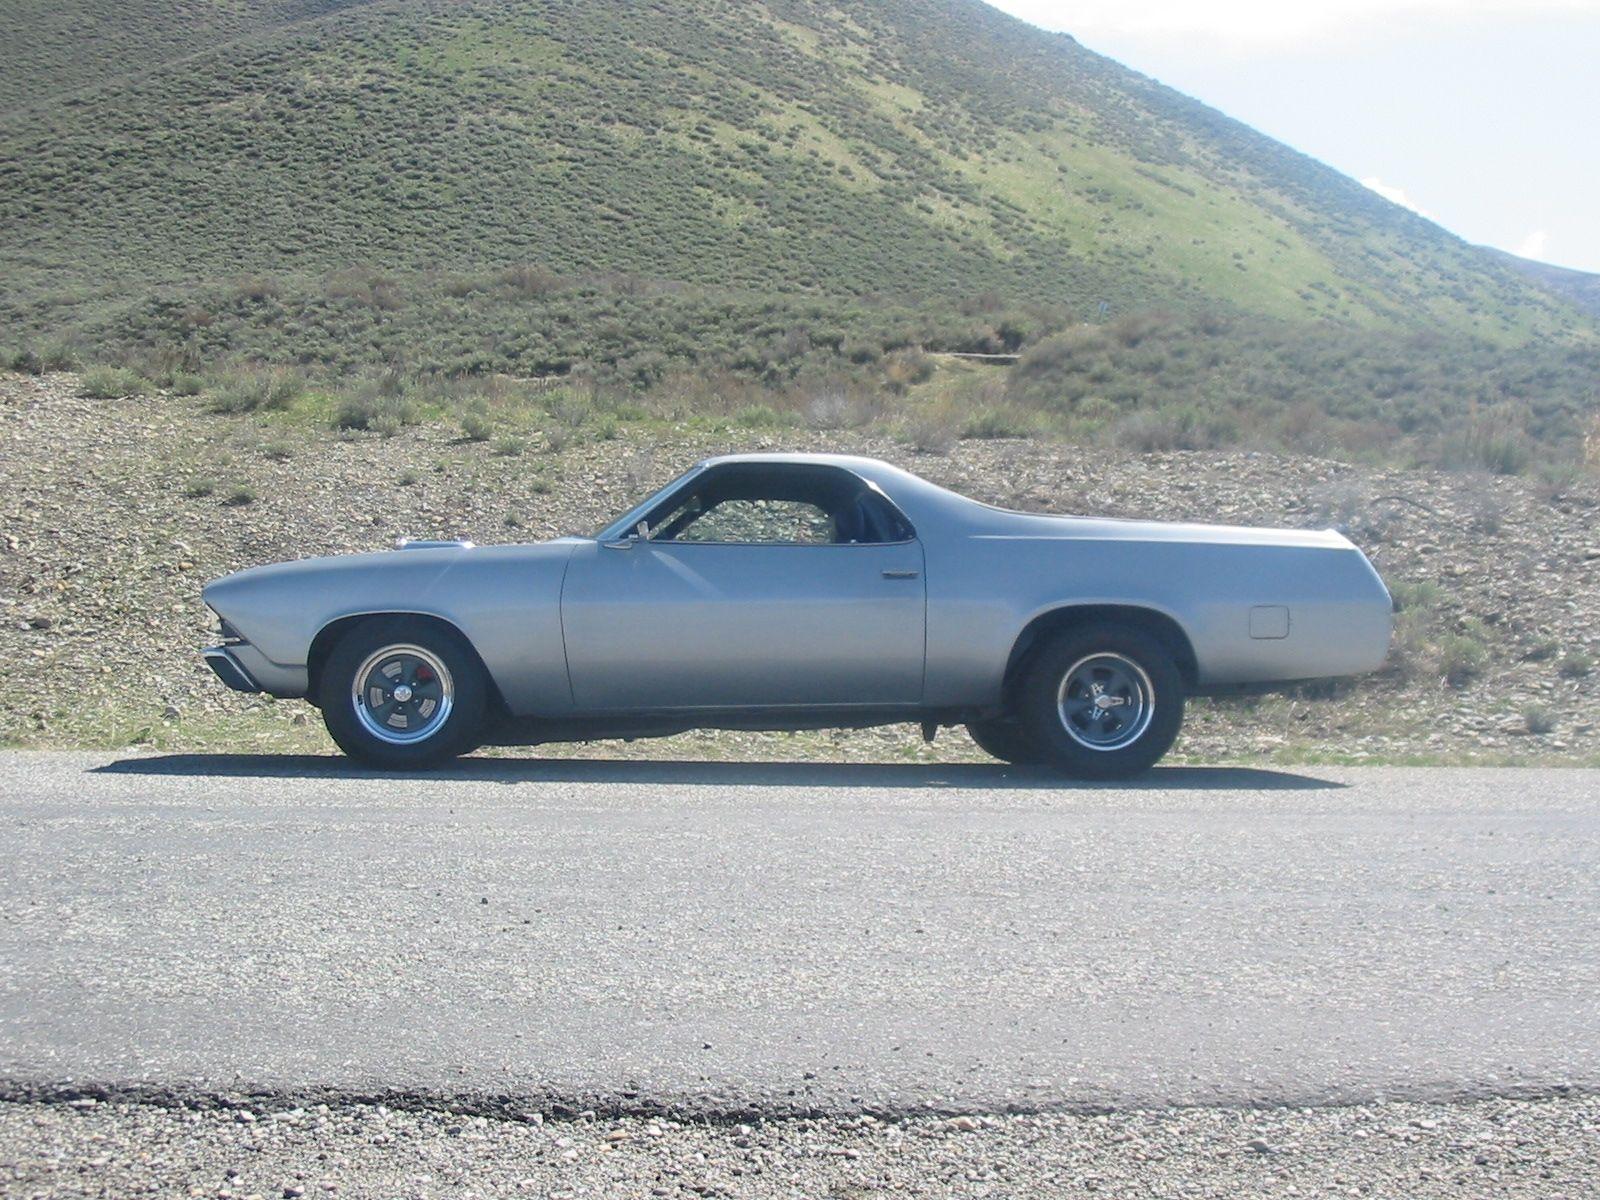 1973 el camino casey66 s 1973 chevrolet el camino with 69 front clip